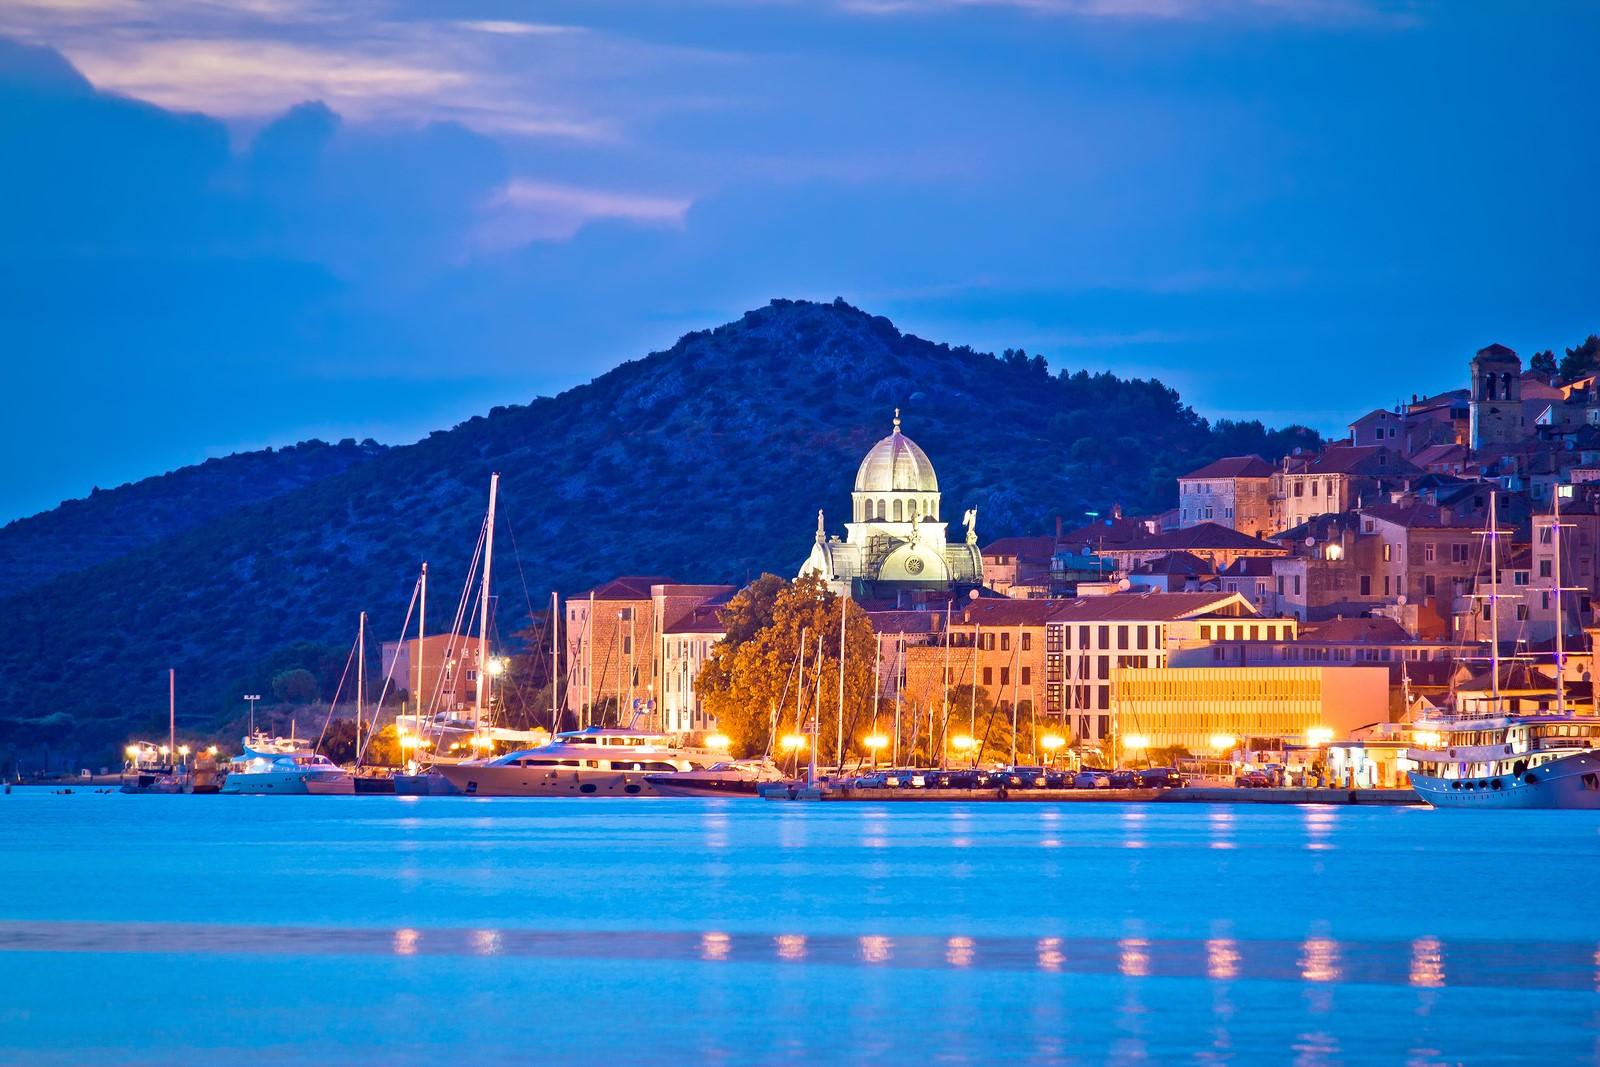 Alquiler de yates en Croacia